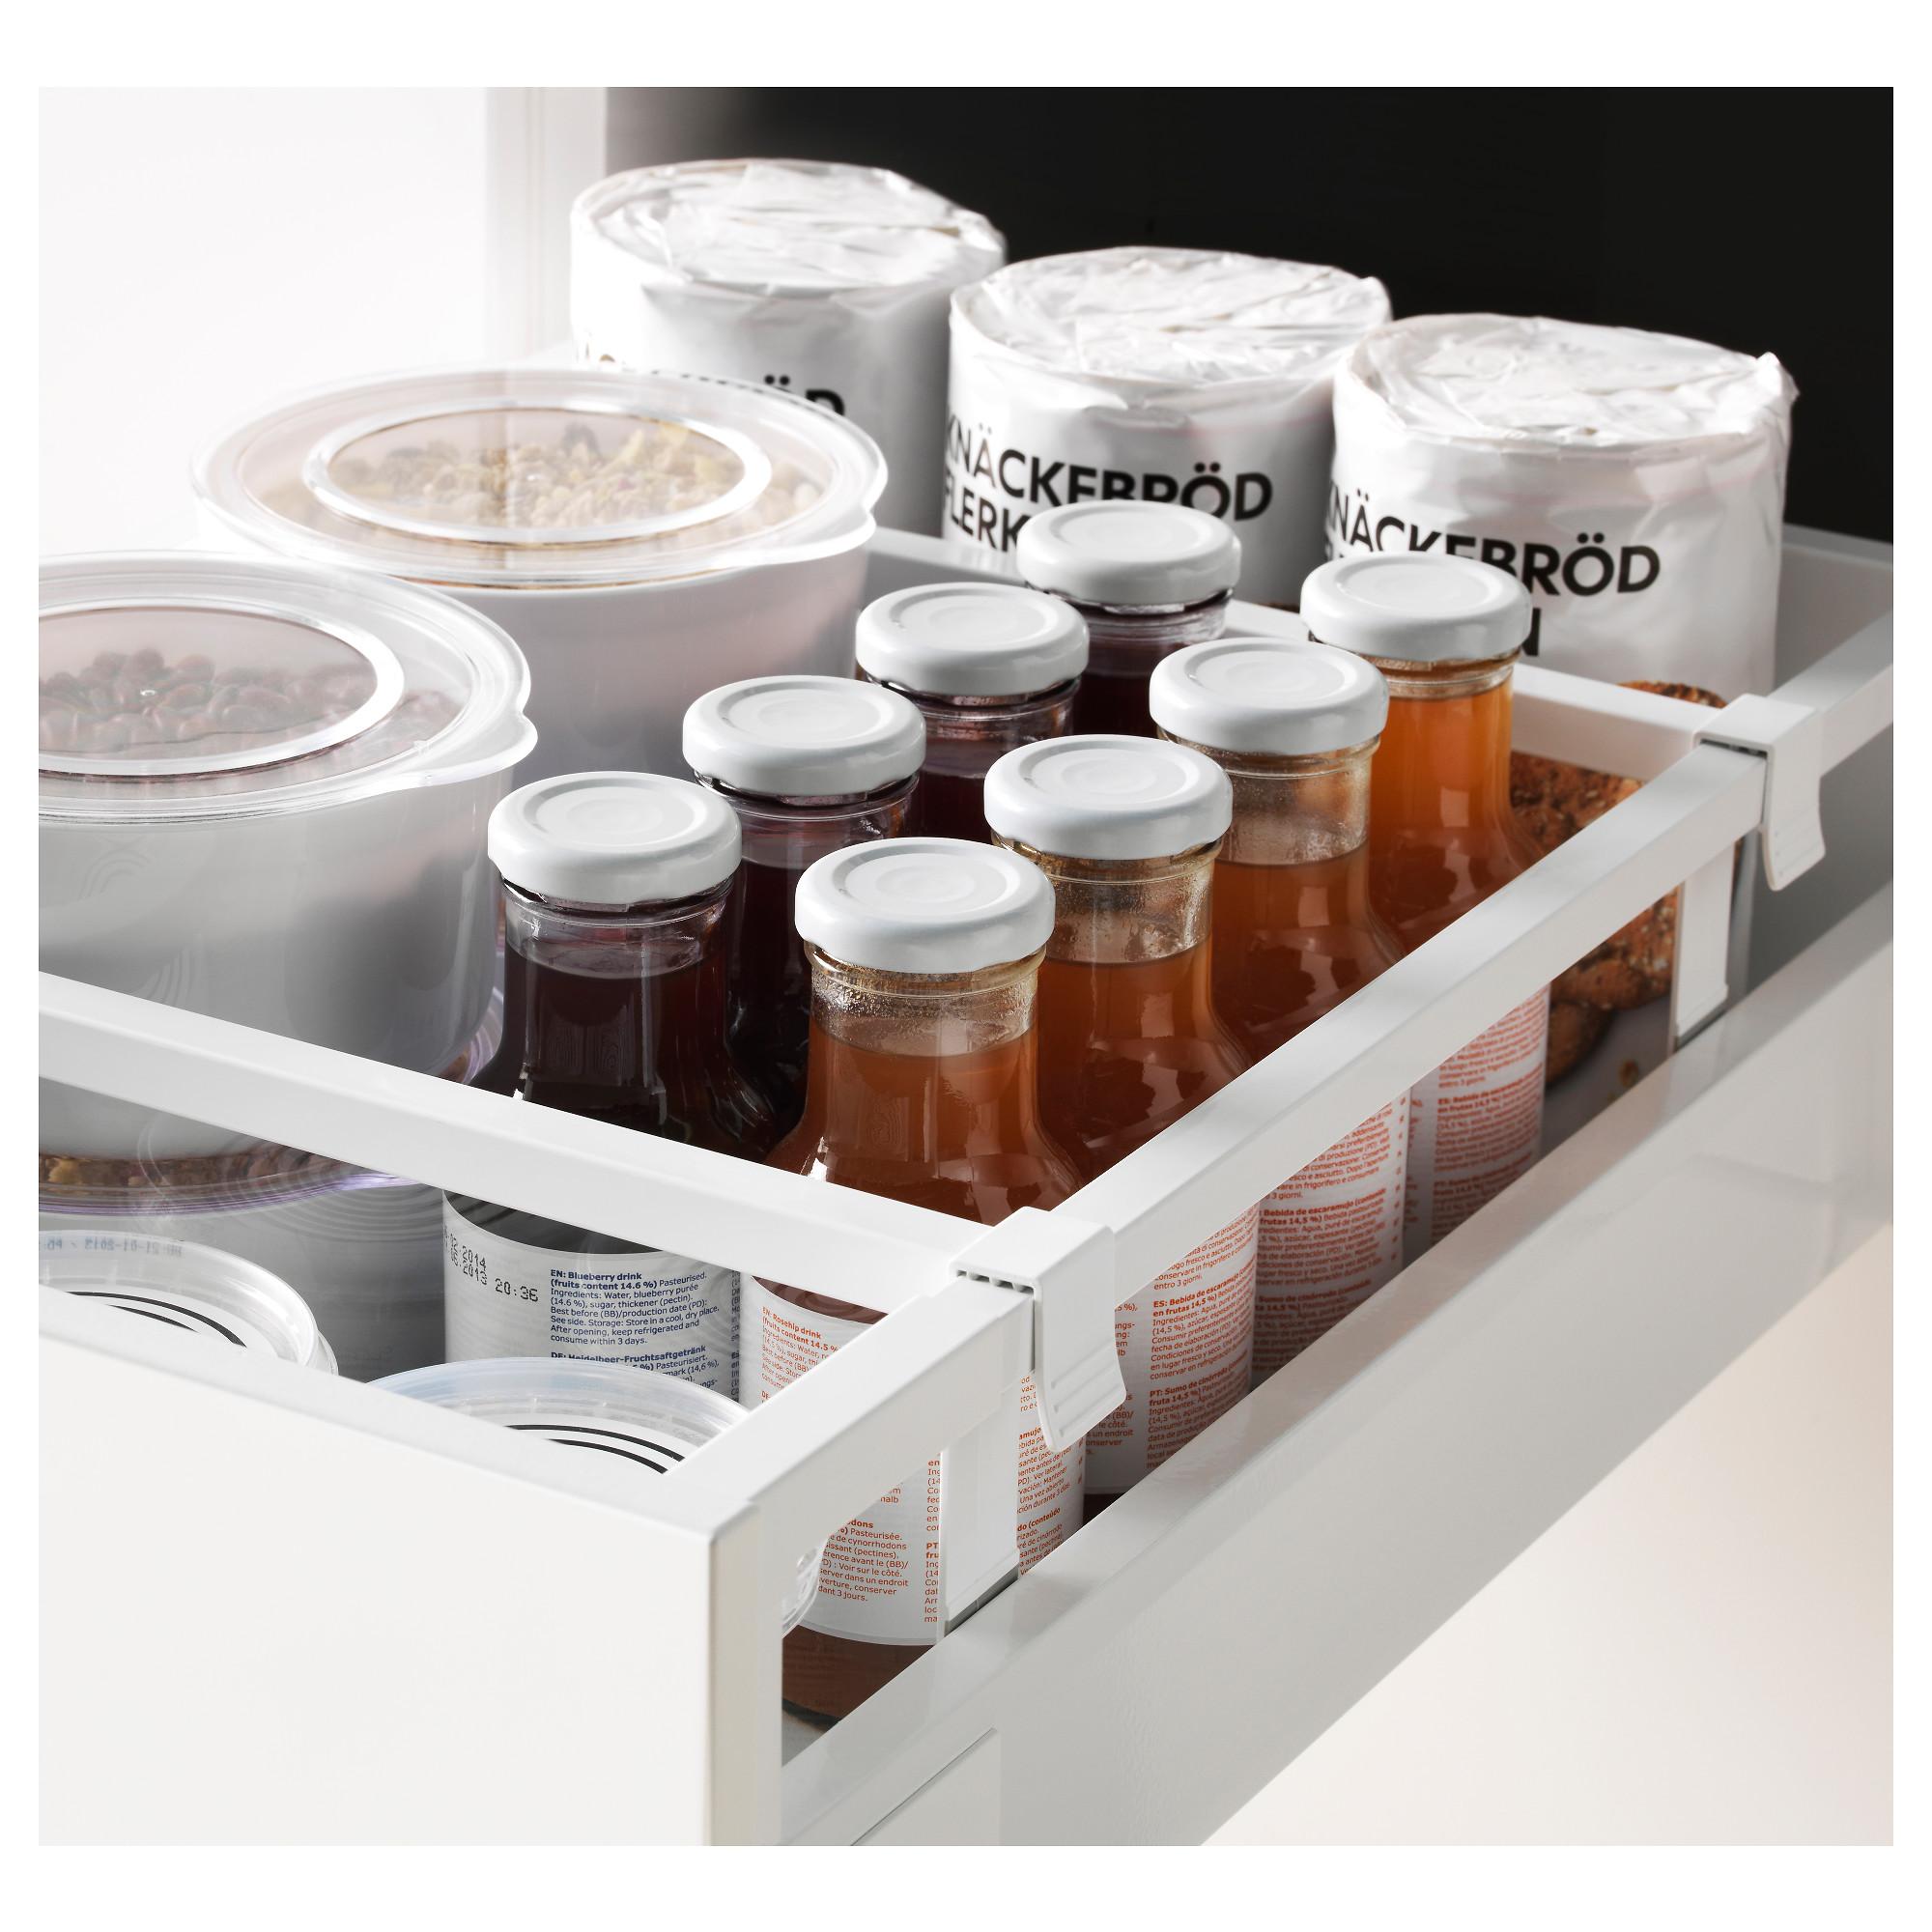 Высокий шкаф + полки, 5 ящиков, 2 дверцы, 2 фронтальных МЕТОД / МАКСИМЕРА черный артикуль № 192.356.97 в наличии. Online каталог IKEA Минск. Быстрая доставка и установка.